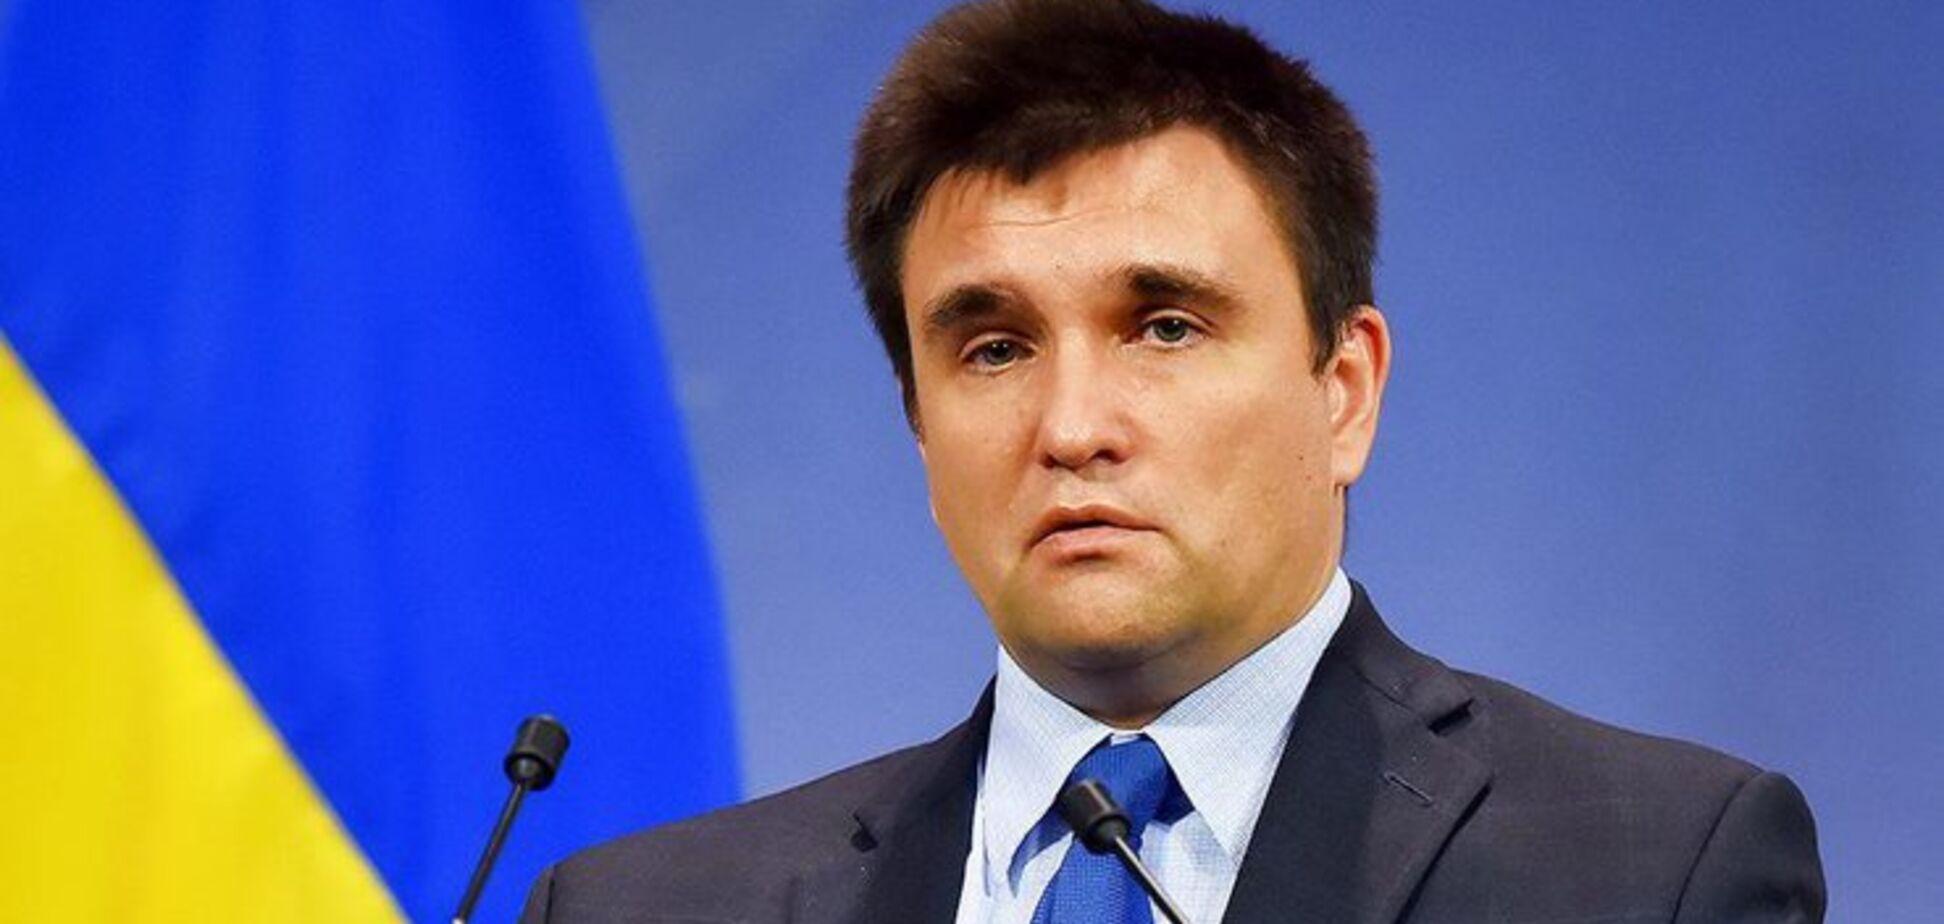 Транш ЕС для Украины: Климкин раскрыл подробности